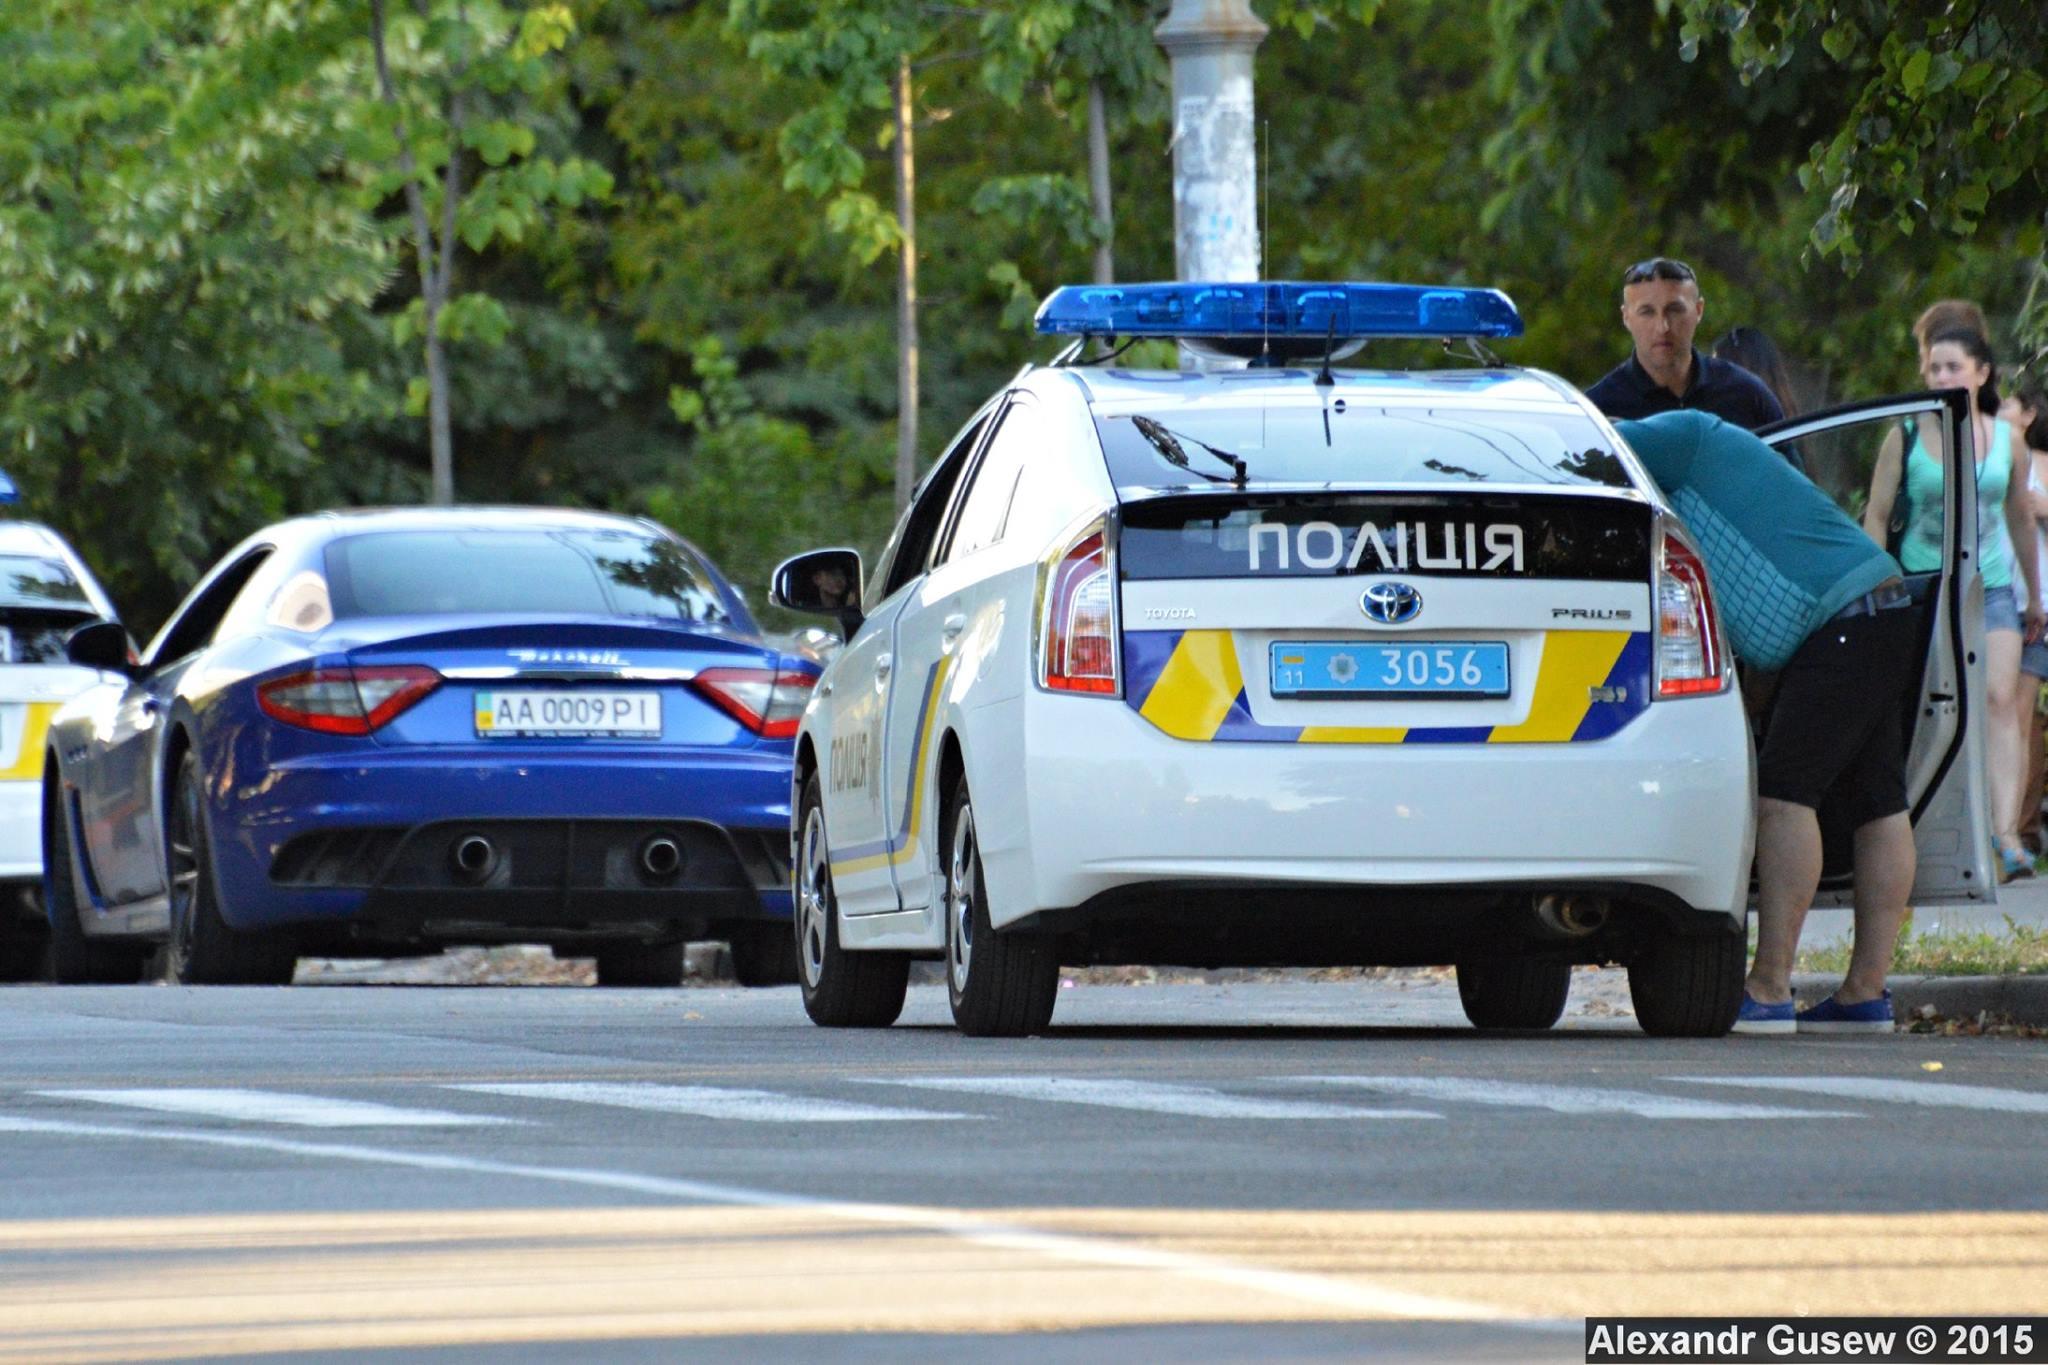 Розыск машин в украине фото 5